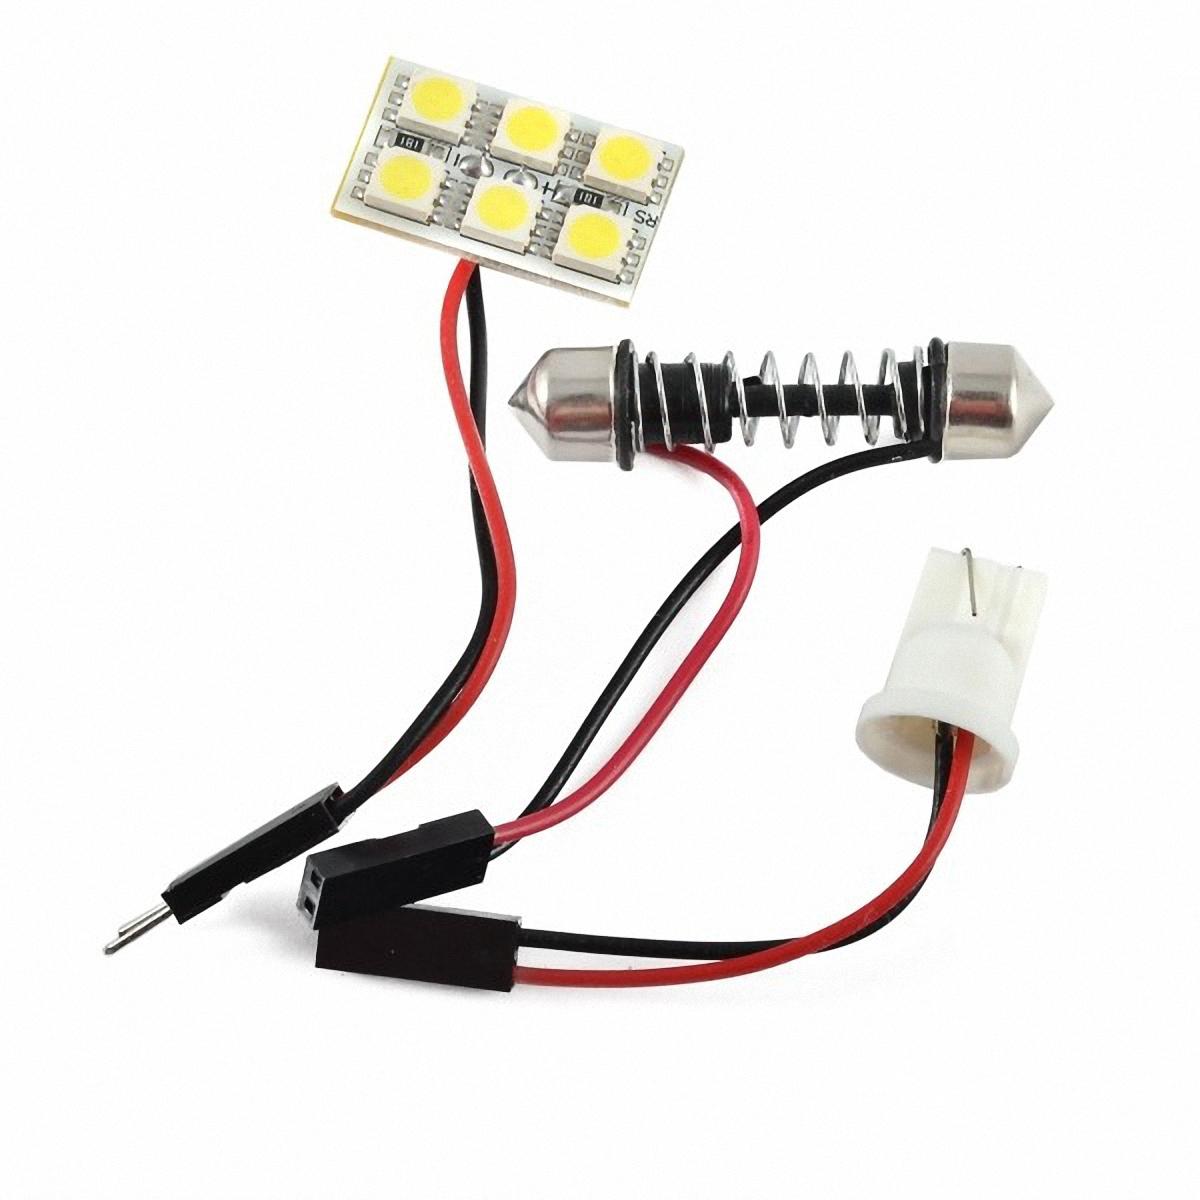 Skyway Панель светодиодная 6 SMD диодов Белая. SCX-0650SCX-0650Светодиодные панели имеют значительно больший срок службы, потребляют намного меньше электроэнергии и выдают свет значительно мягче и ровнее, чем те же люминесцентные лампы, не говоря уже о лампах накаливания. Они очень удобны, легко вставляются и достаточно практичны.